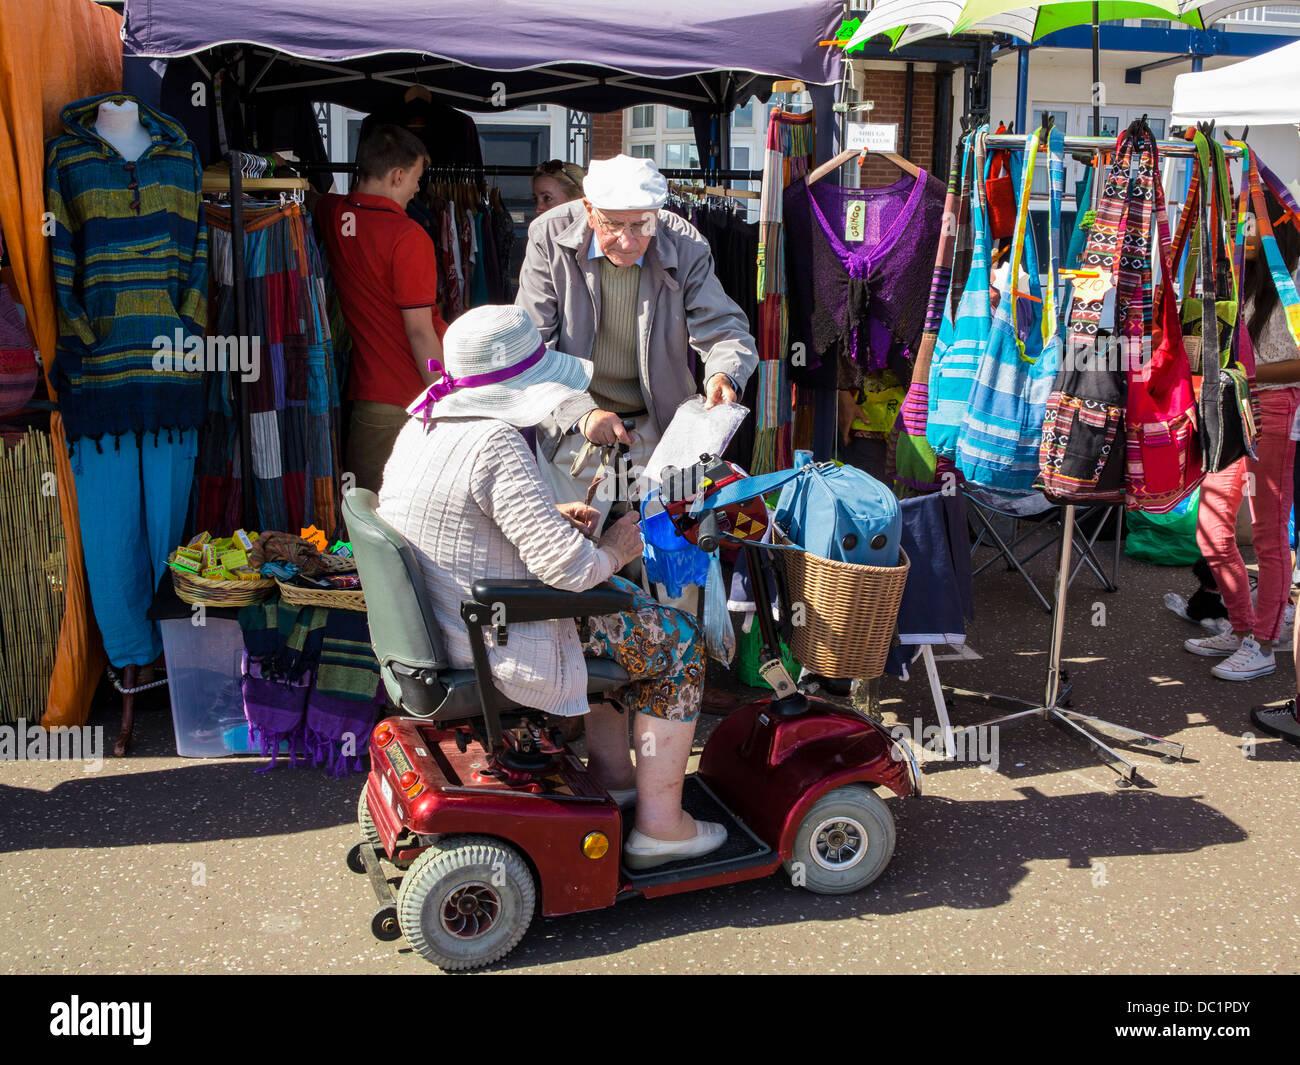 Coppia di anziani a fare shopping con la mobilità scooter a Sidmouth, nel Devon, Inghilterra Immagini Stock